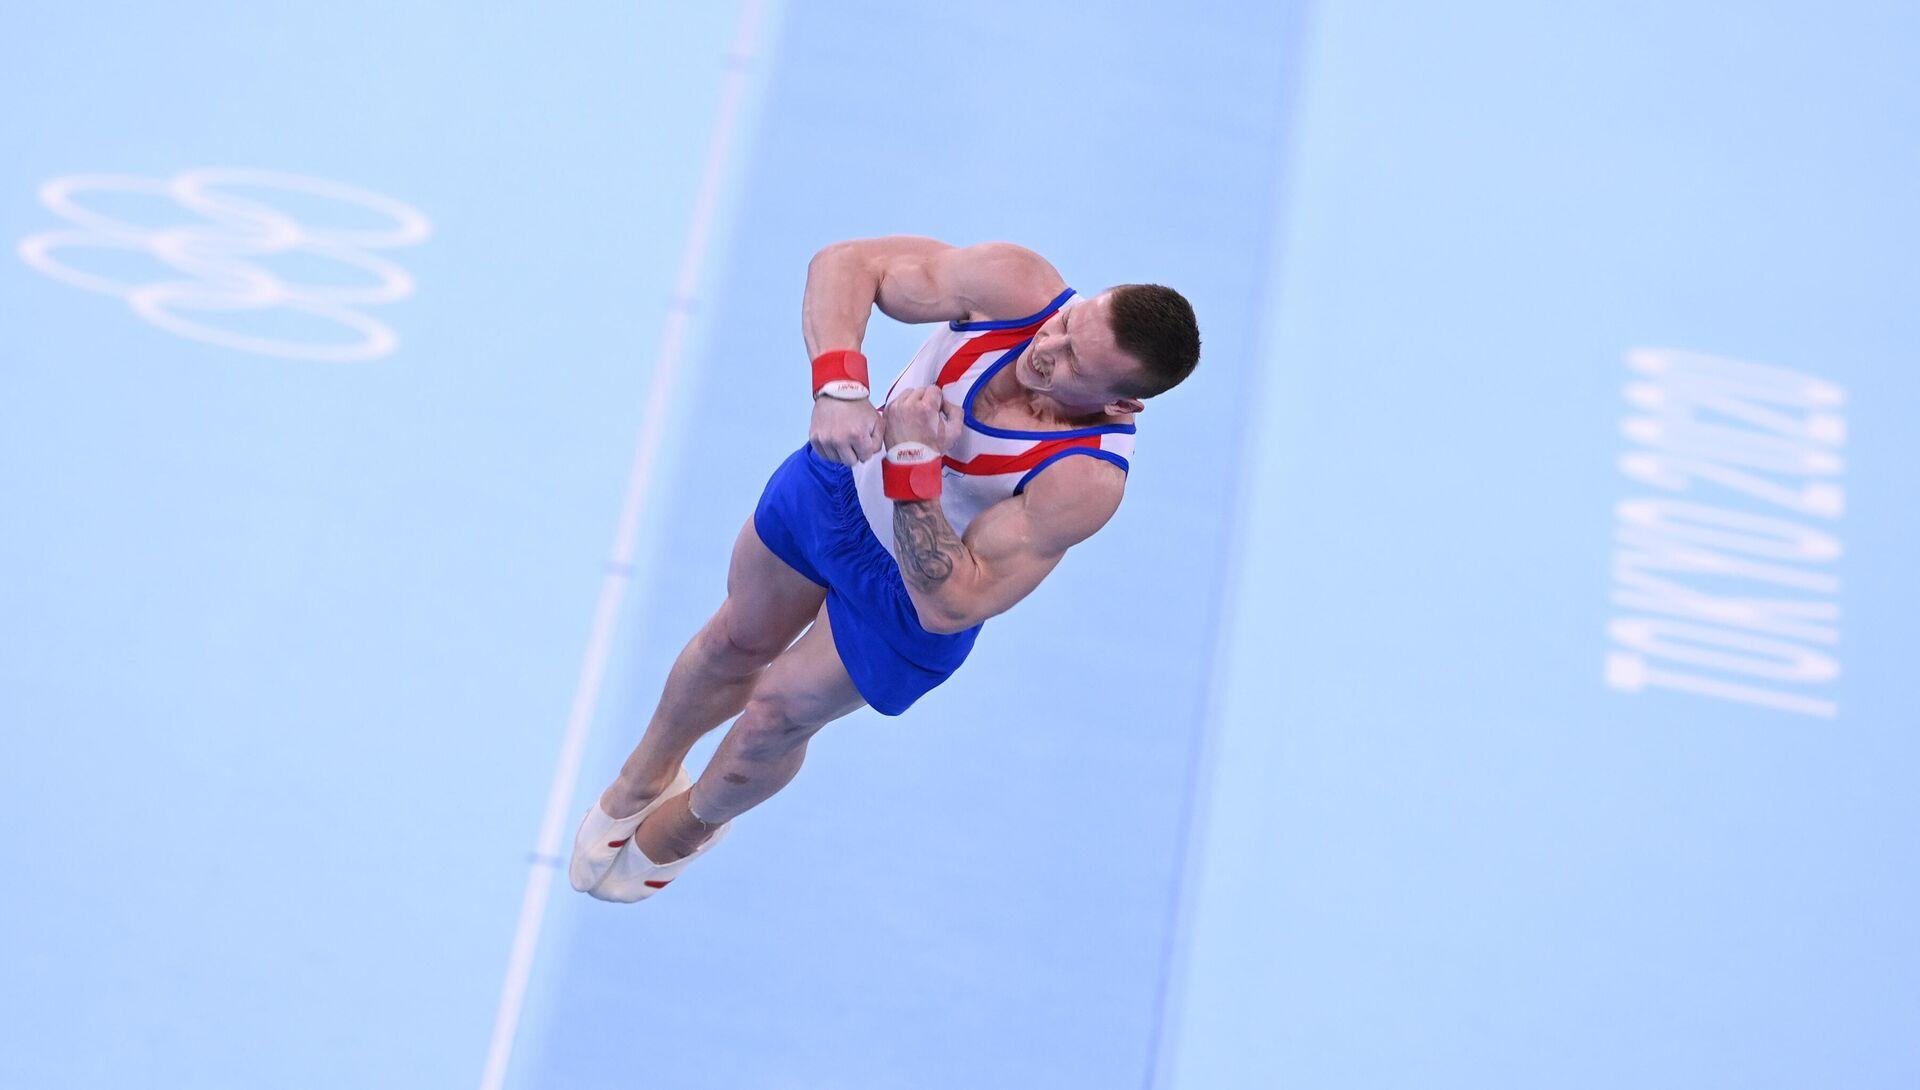 Российский спортсмен Денис Аблязин выполняет опорный прыжок - Sputnik Беларусь, 1920, 26.07.2021